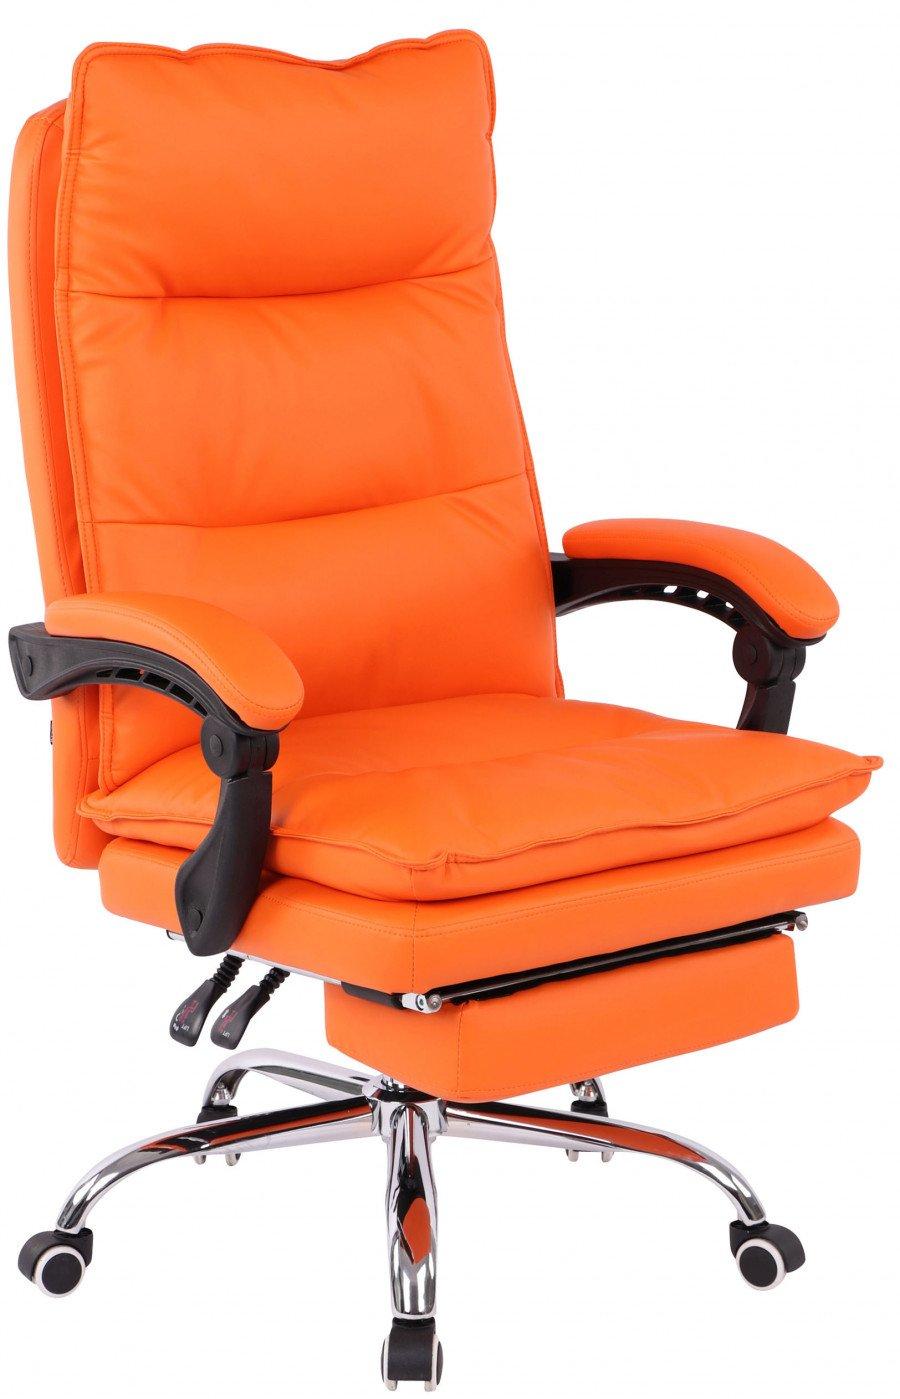 Sedie Da Ufficio Arancione.Clp Arredo E Complementi Sedia Da Ufficio Power Similpelle